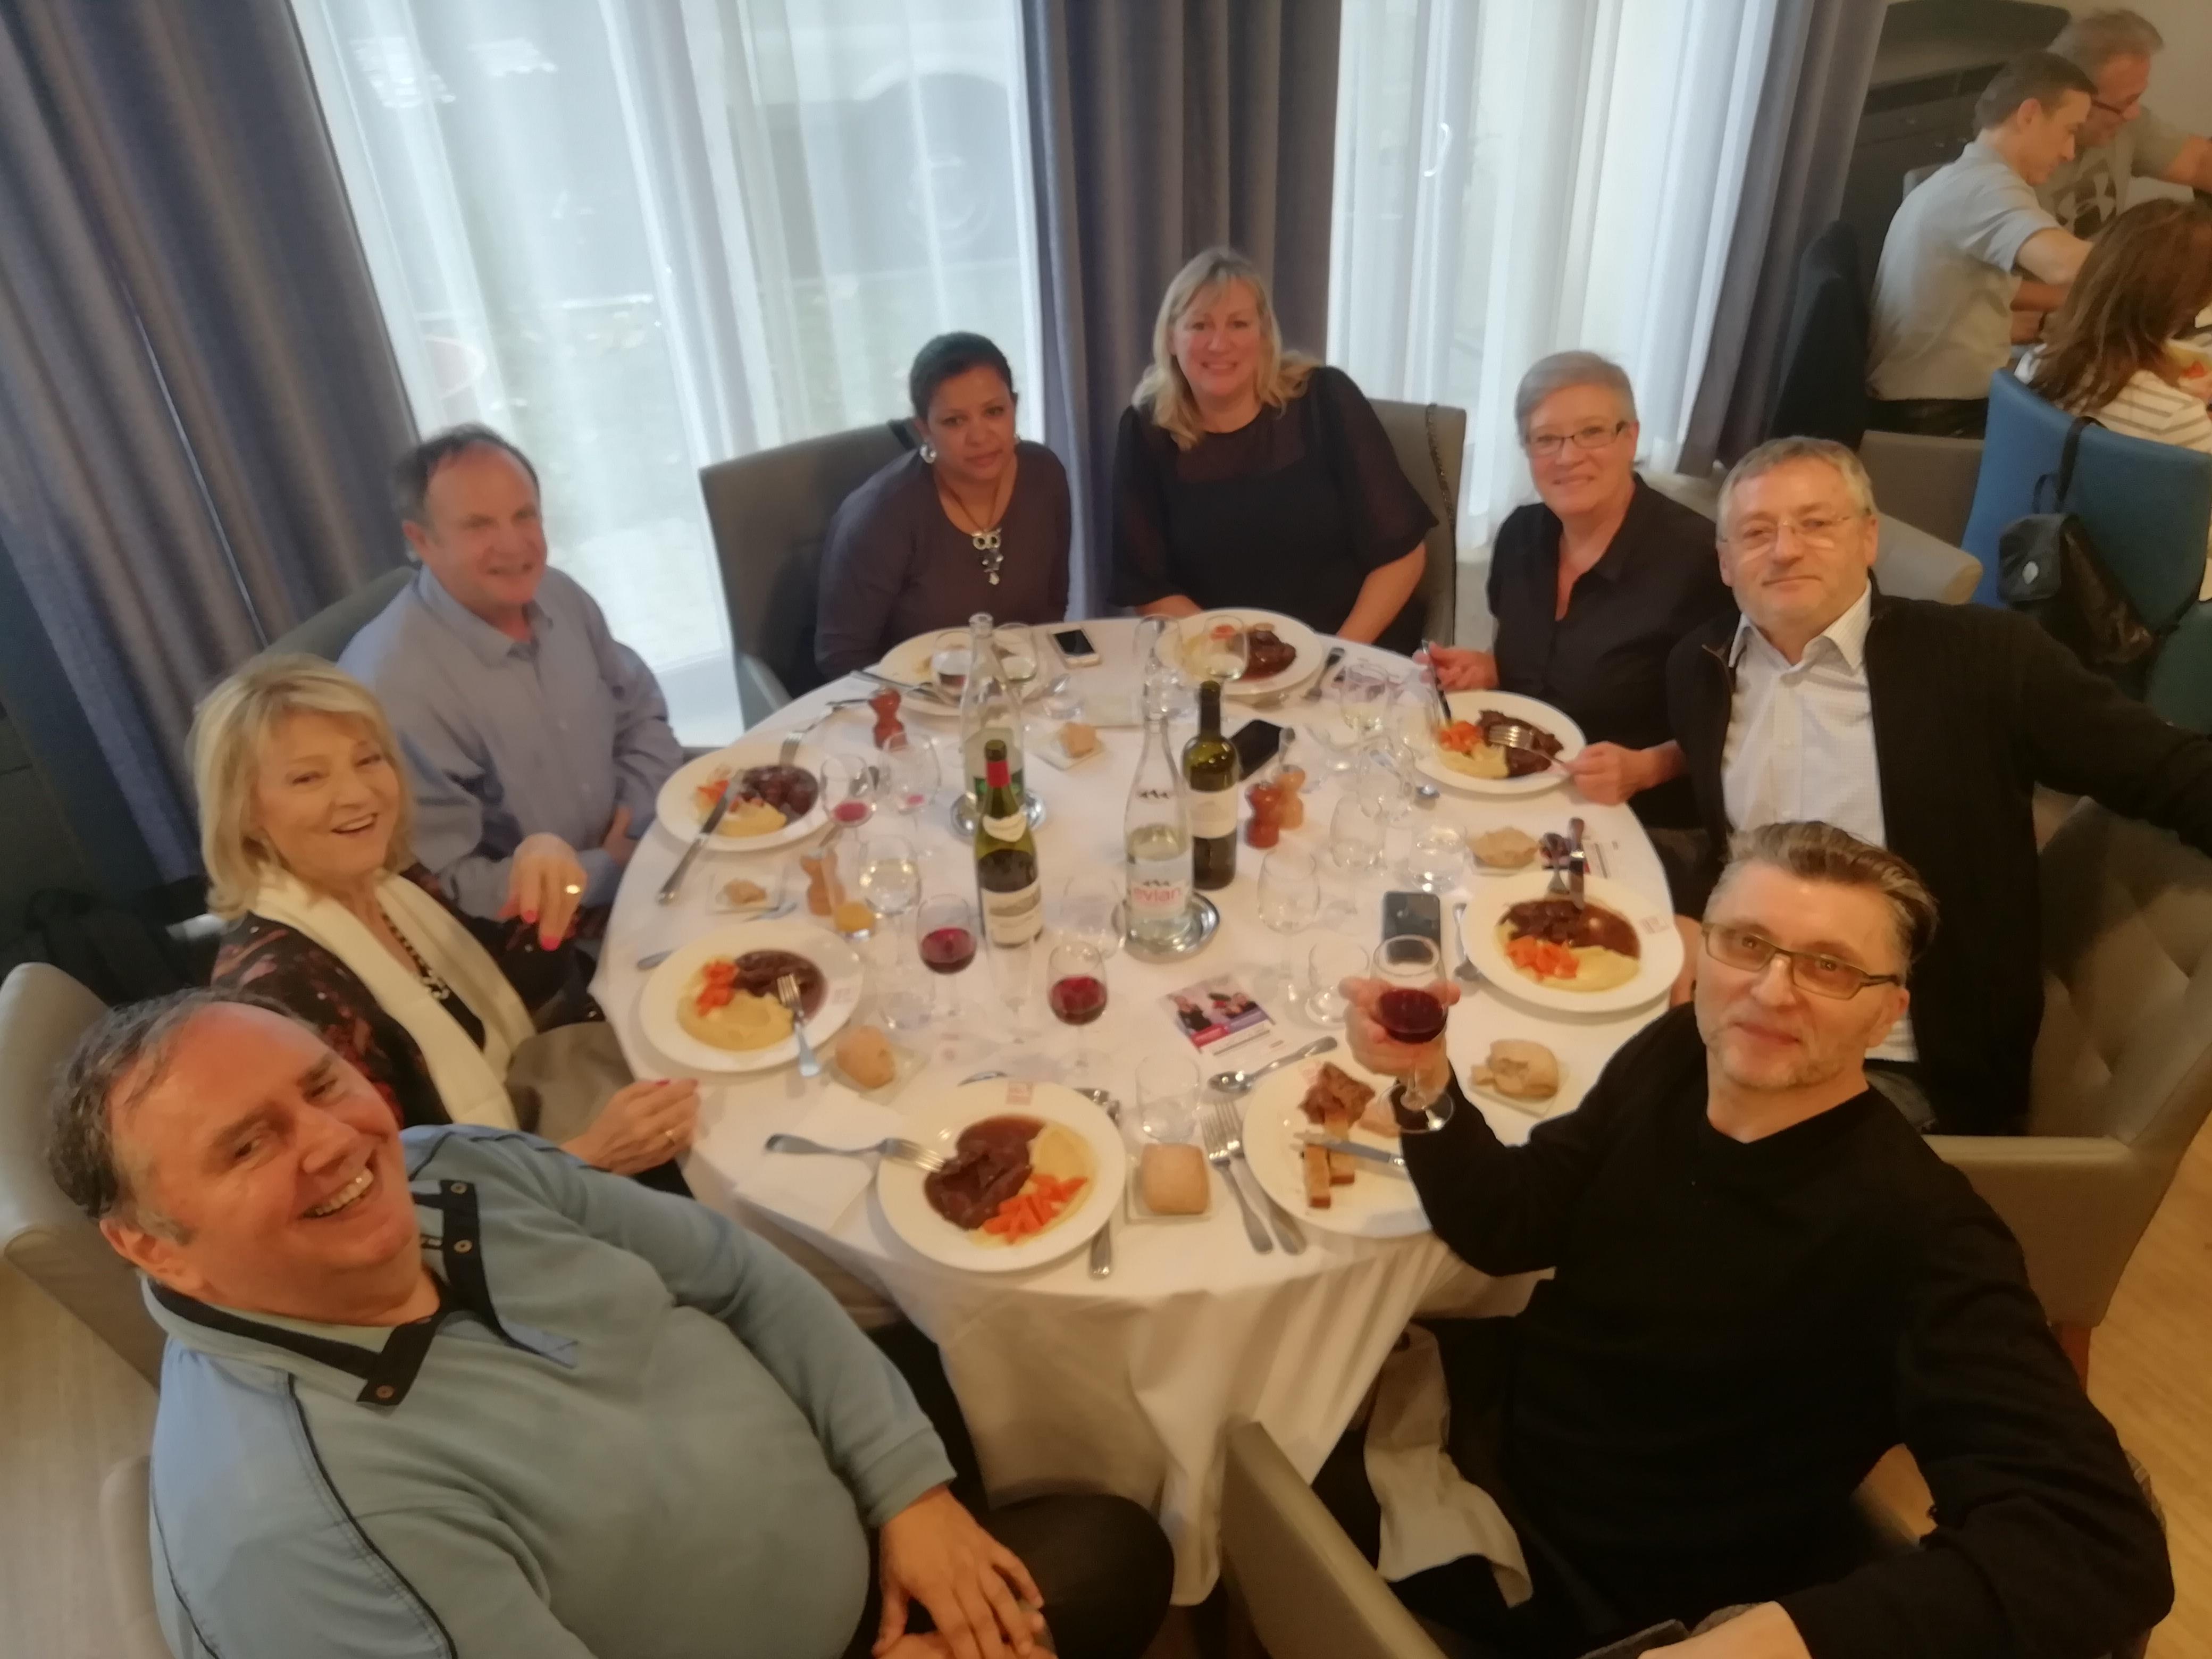 La fin d'année célébrée aux Apprentis d'Auteuil malgré les grèves !